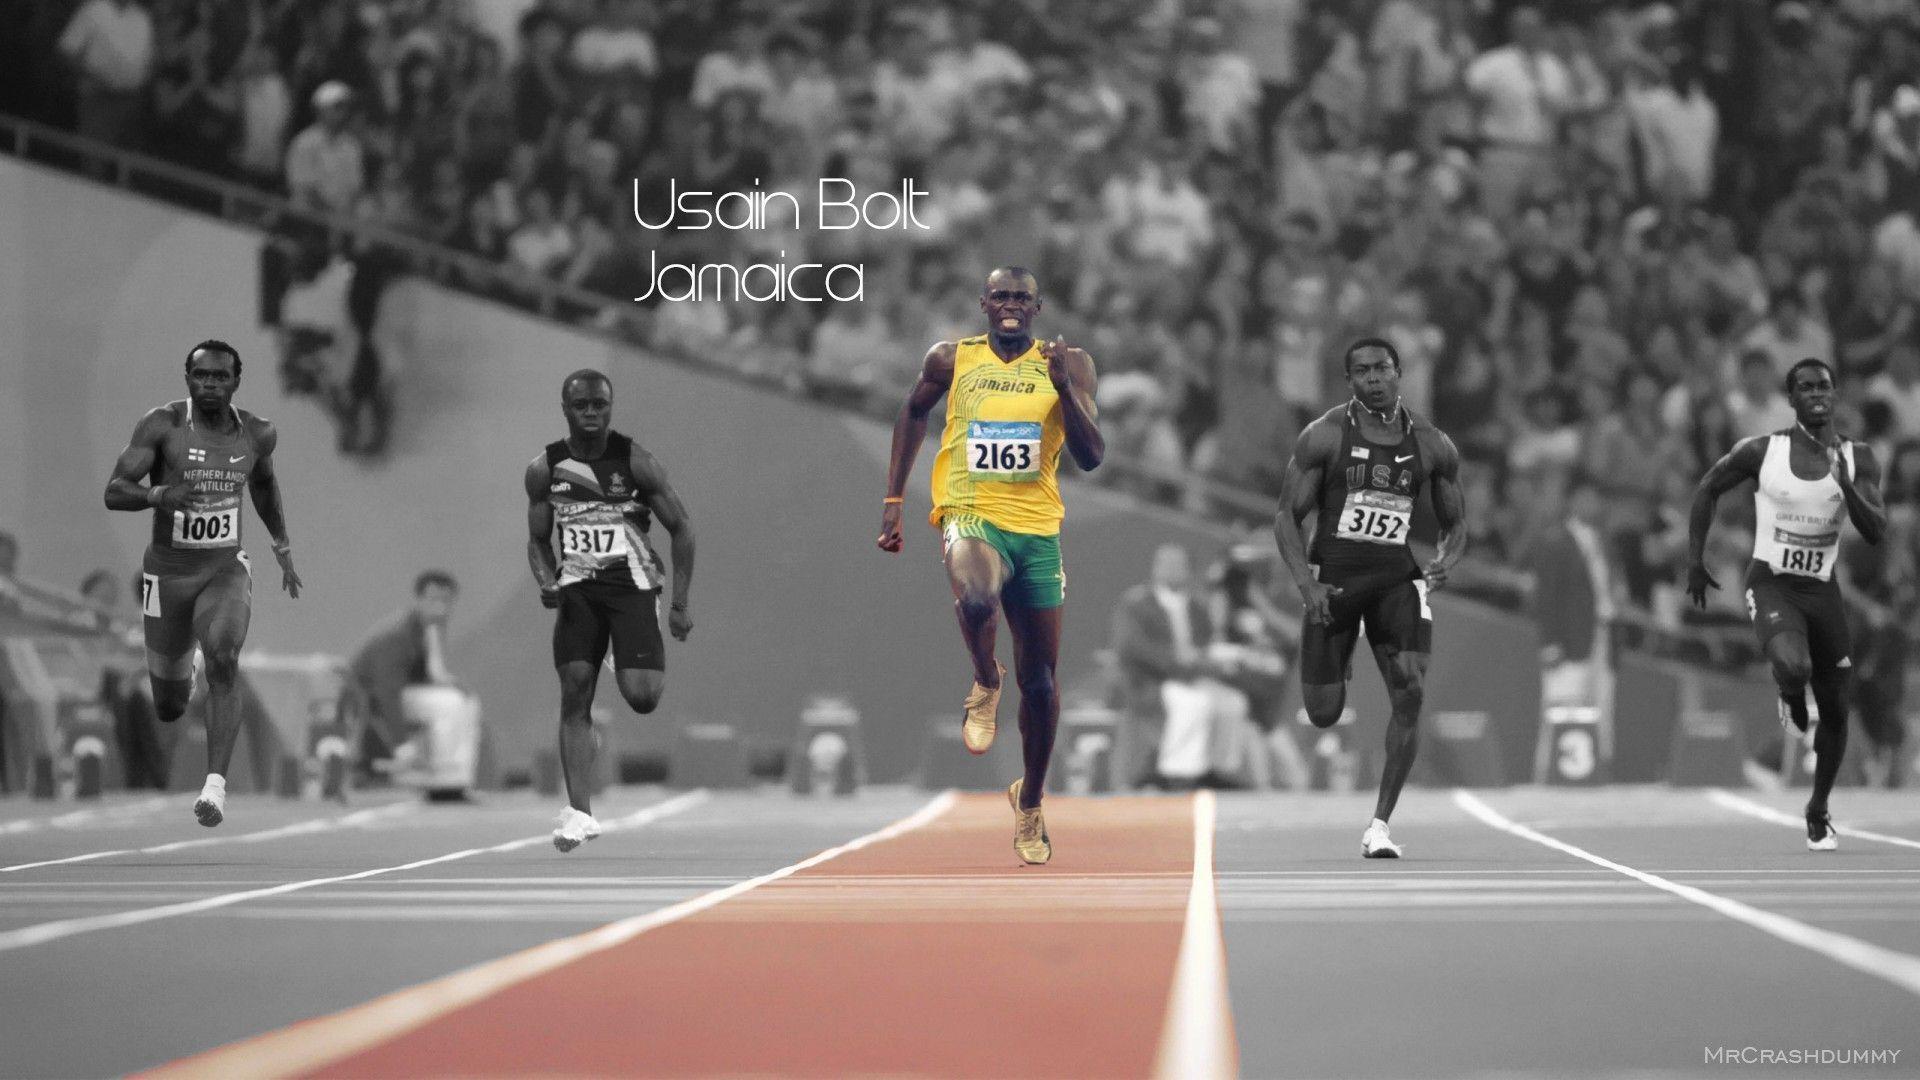 Usain Bolt widescreen wallpapers in hd - HD Wallpaper